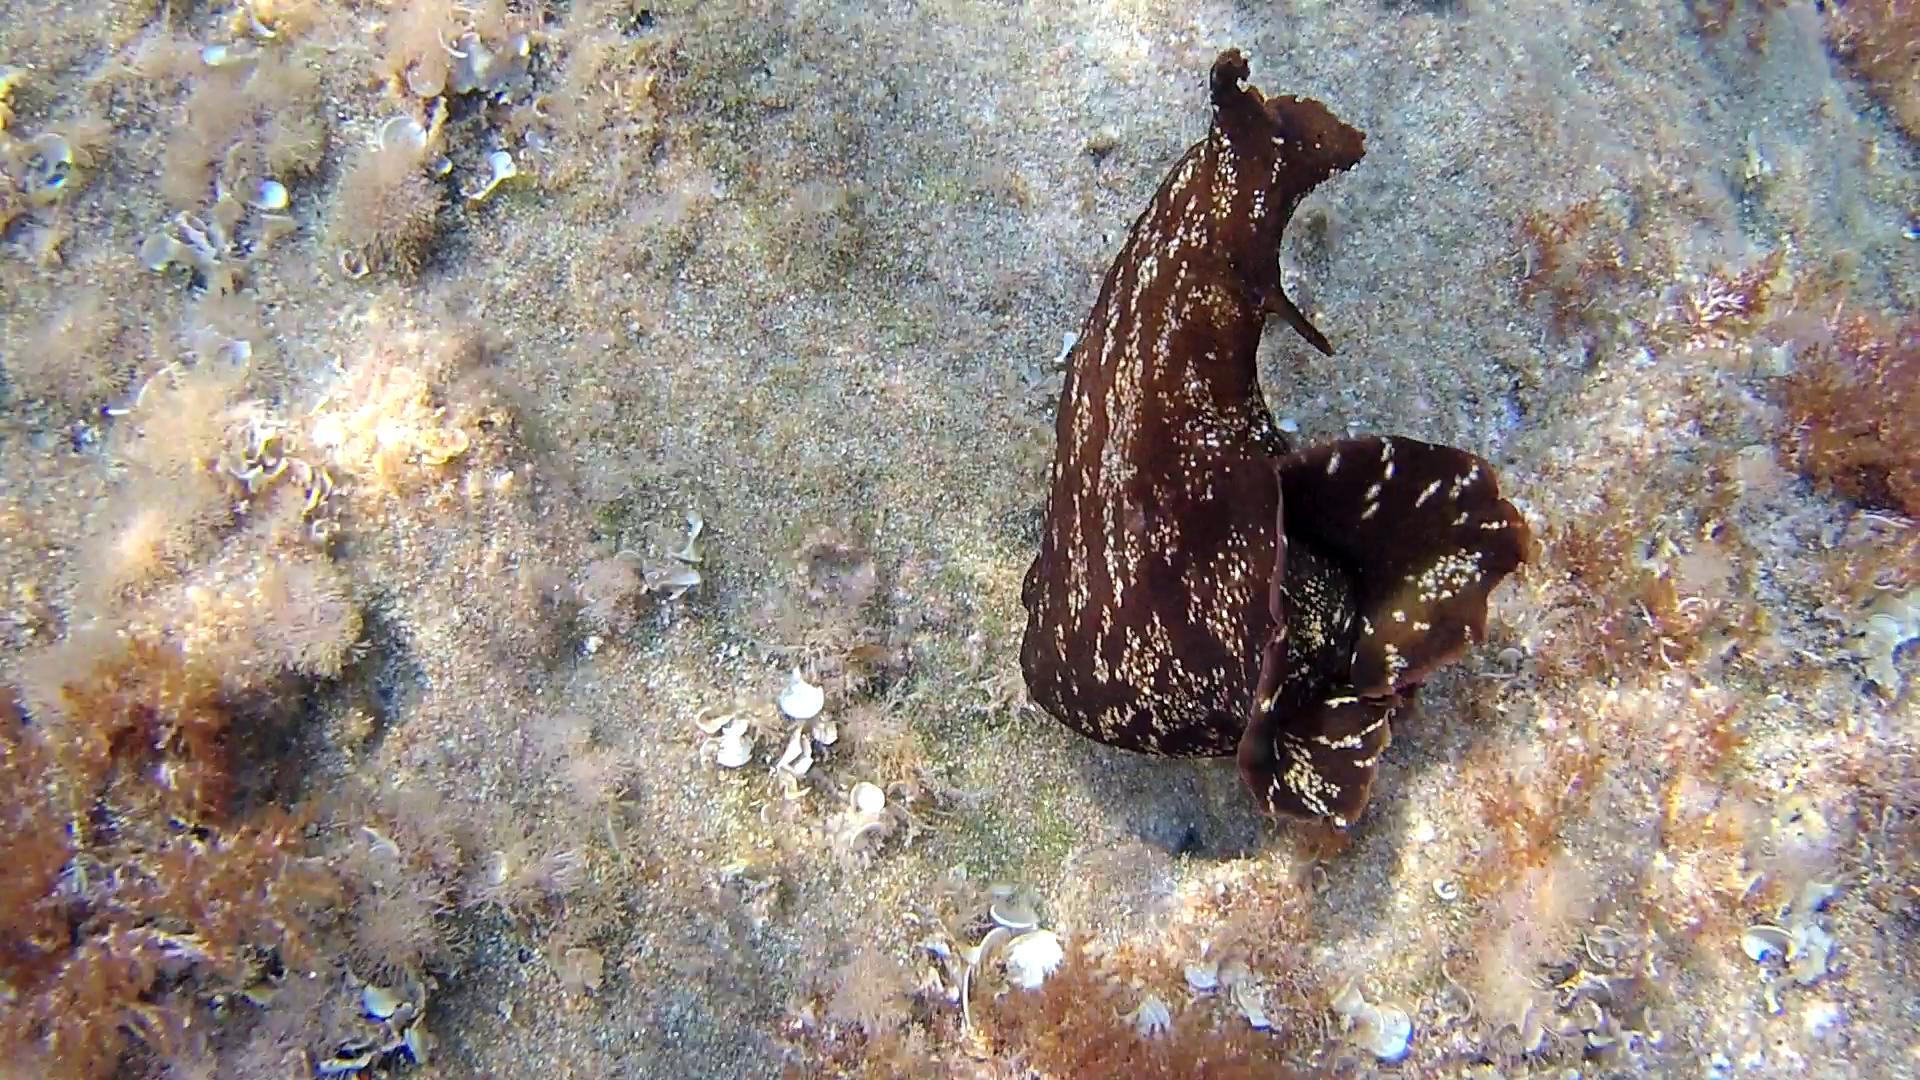 Lepre marina - Aplysia depilans - Depilatory sea hare - Ballerina spagnola del Mediterraneo - intotheblue.it